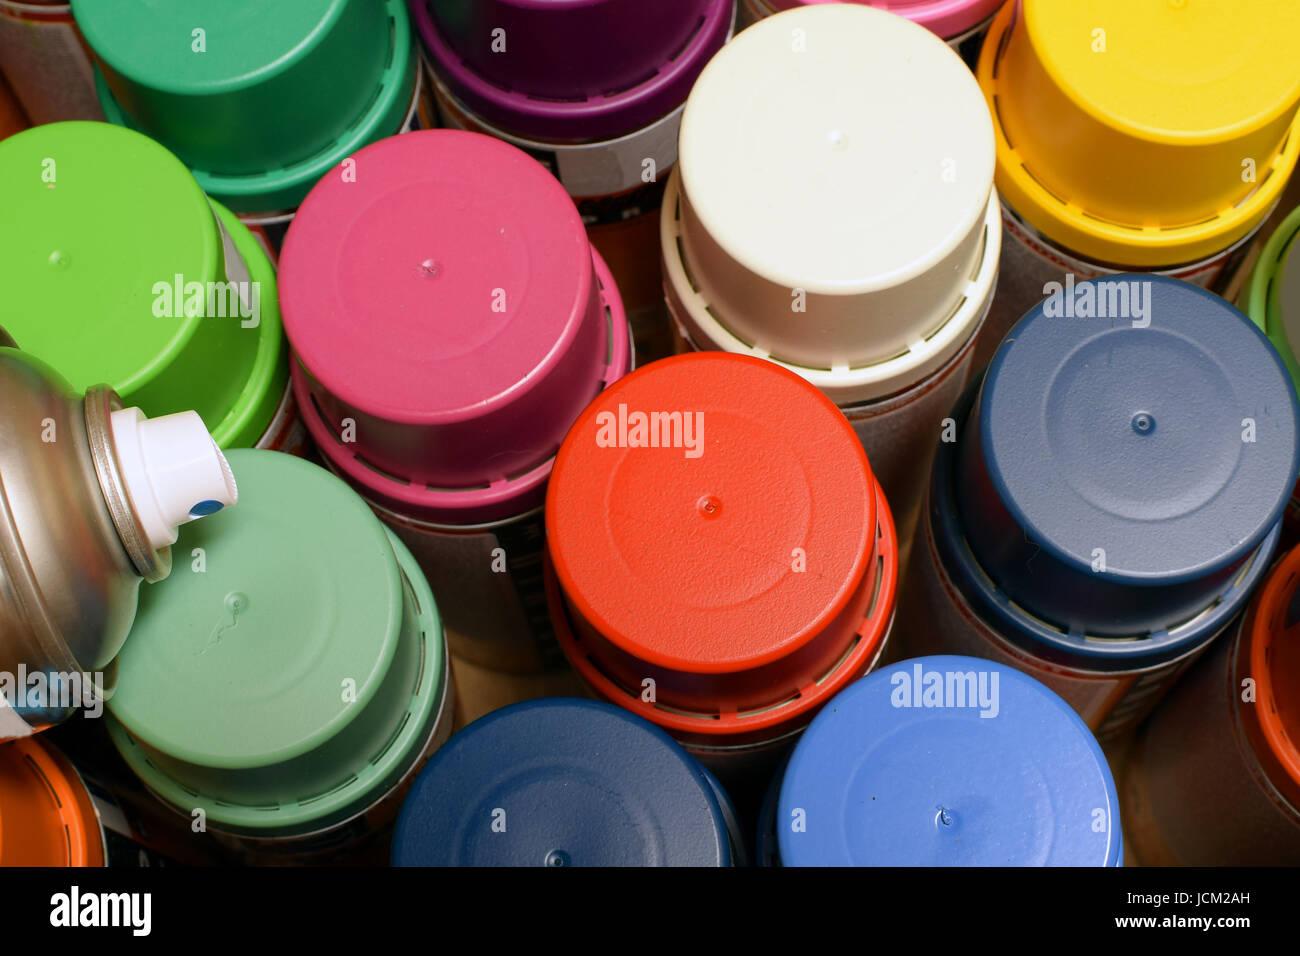 Spraydosen Farben.Neue Farbe Spraydosen Ansicht Von Oben Stockfoto Bild